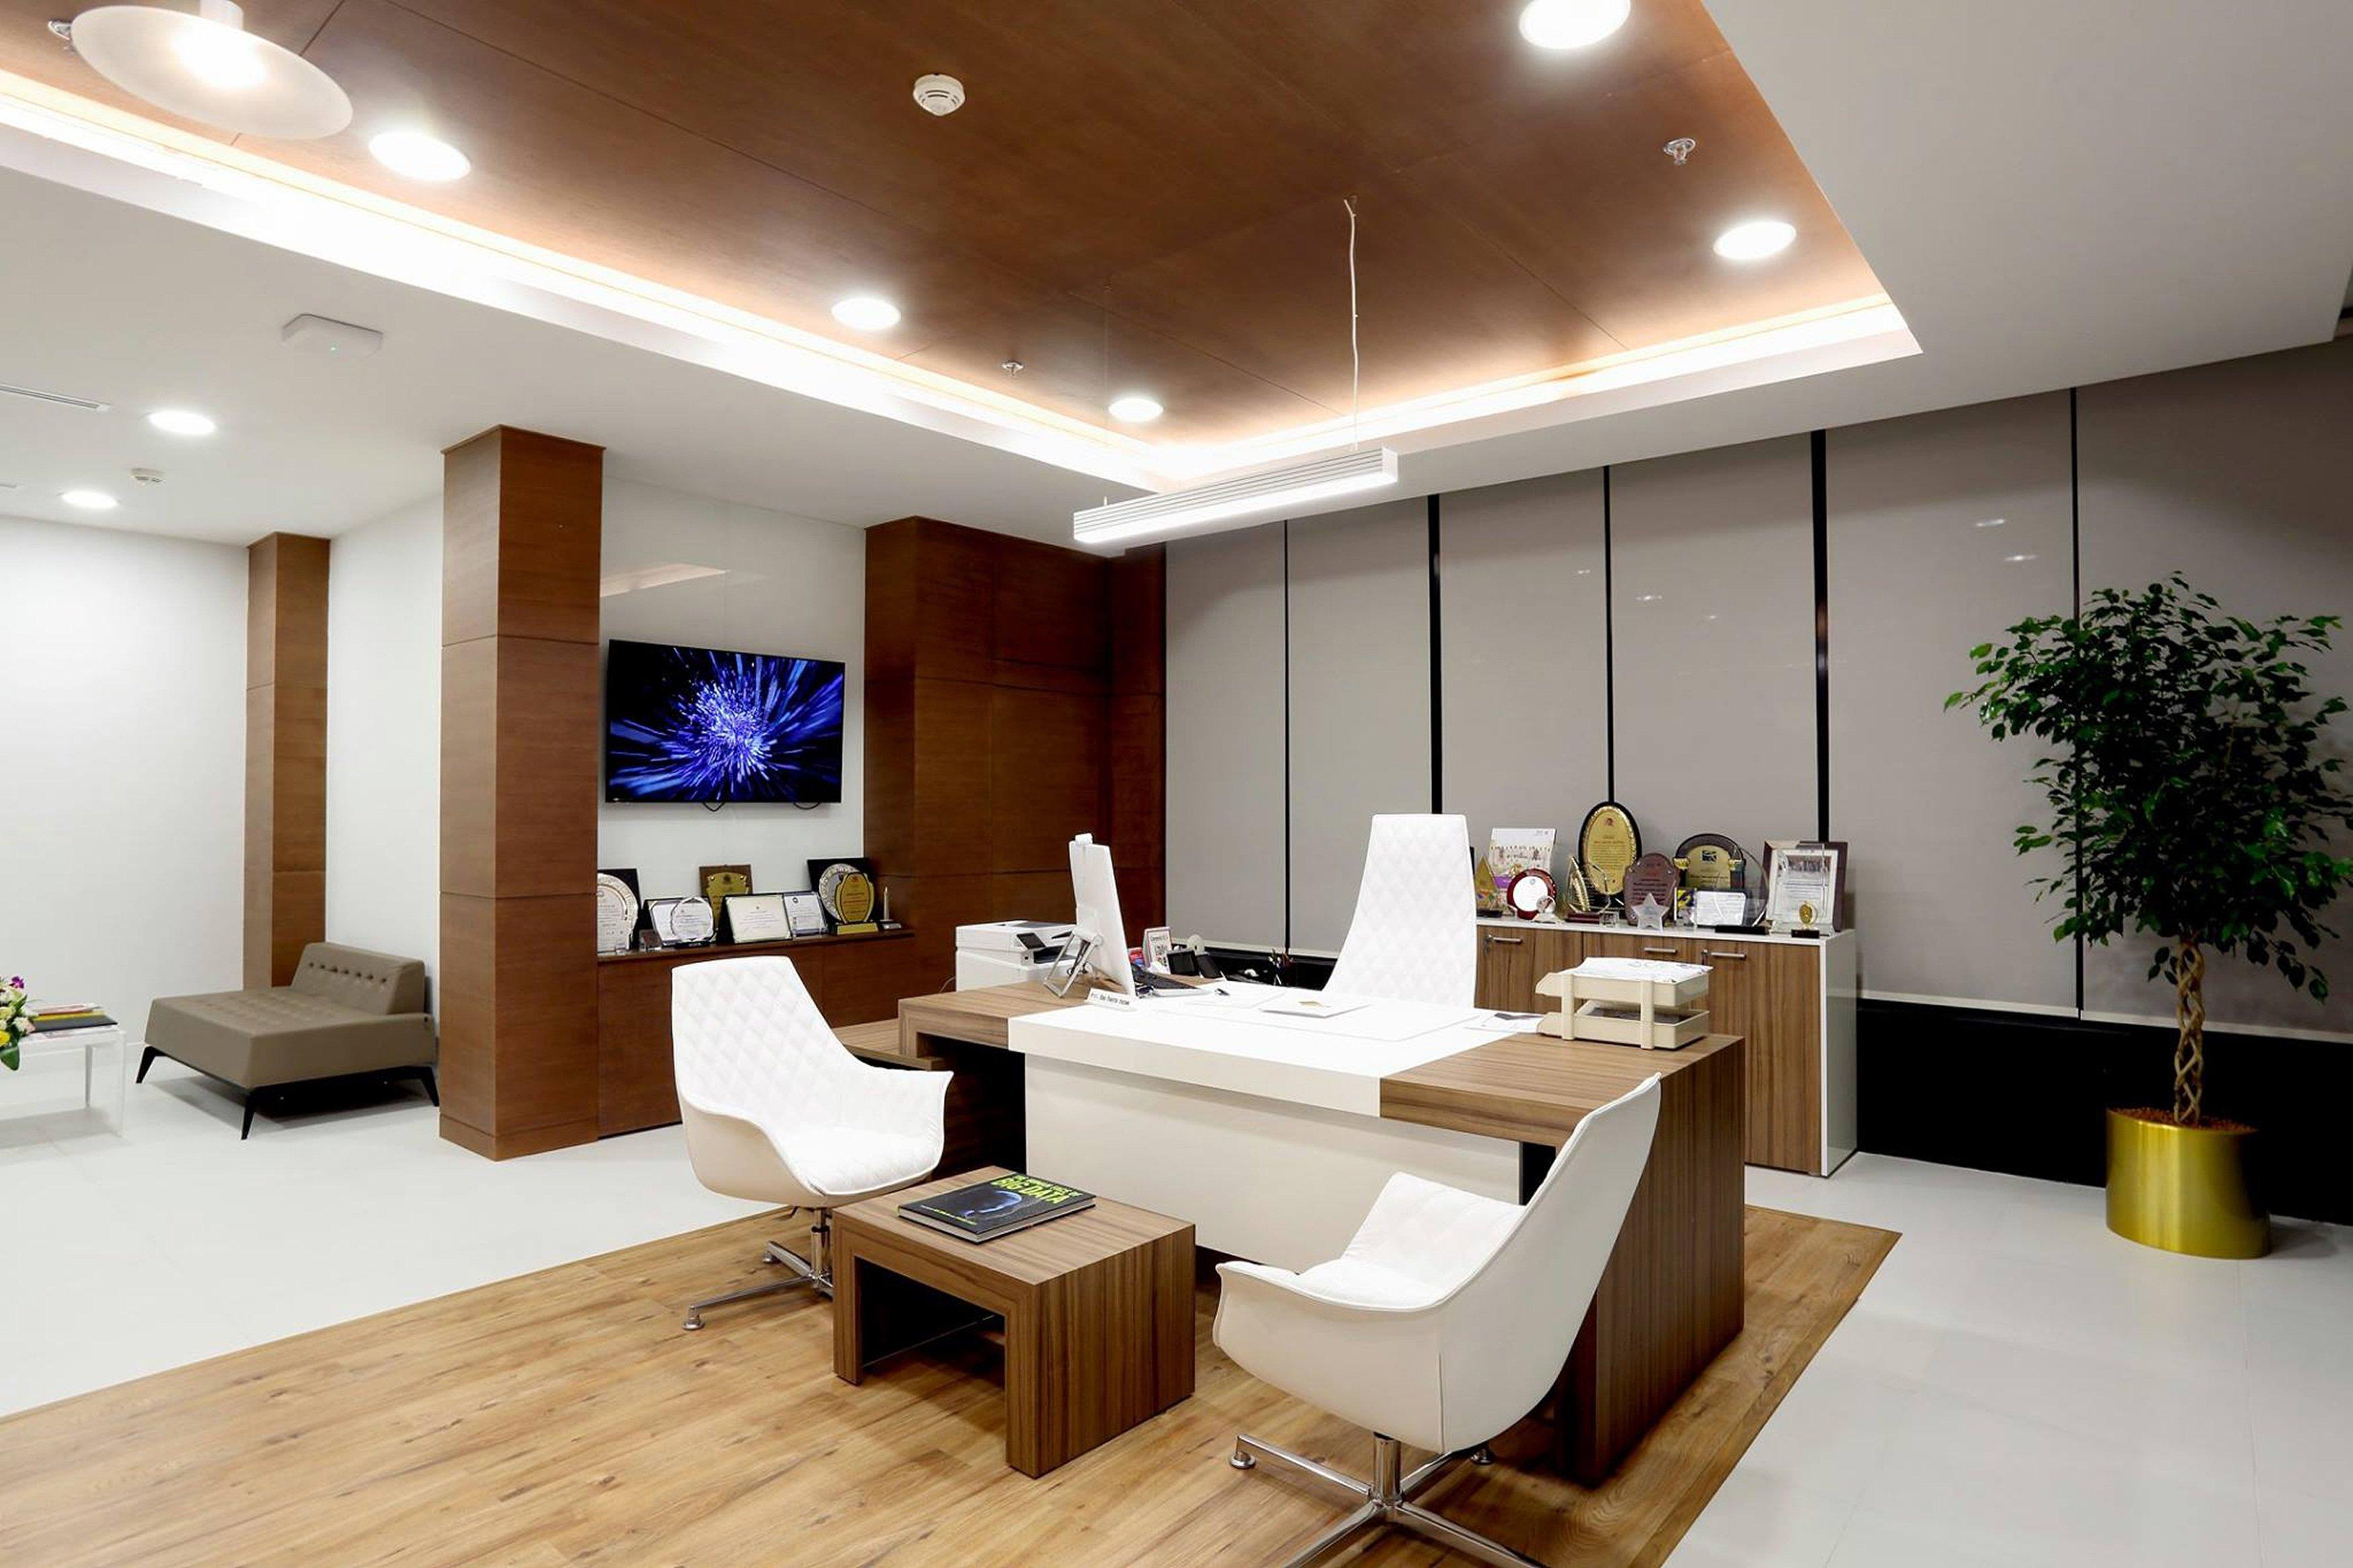 interior-4406027